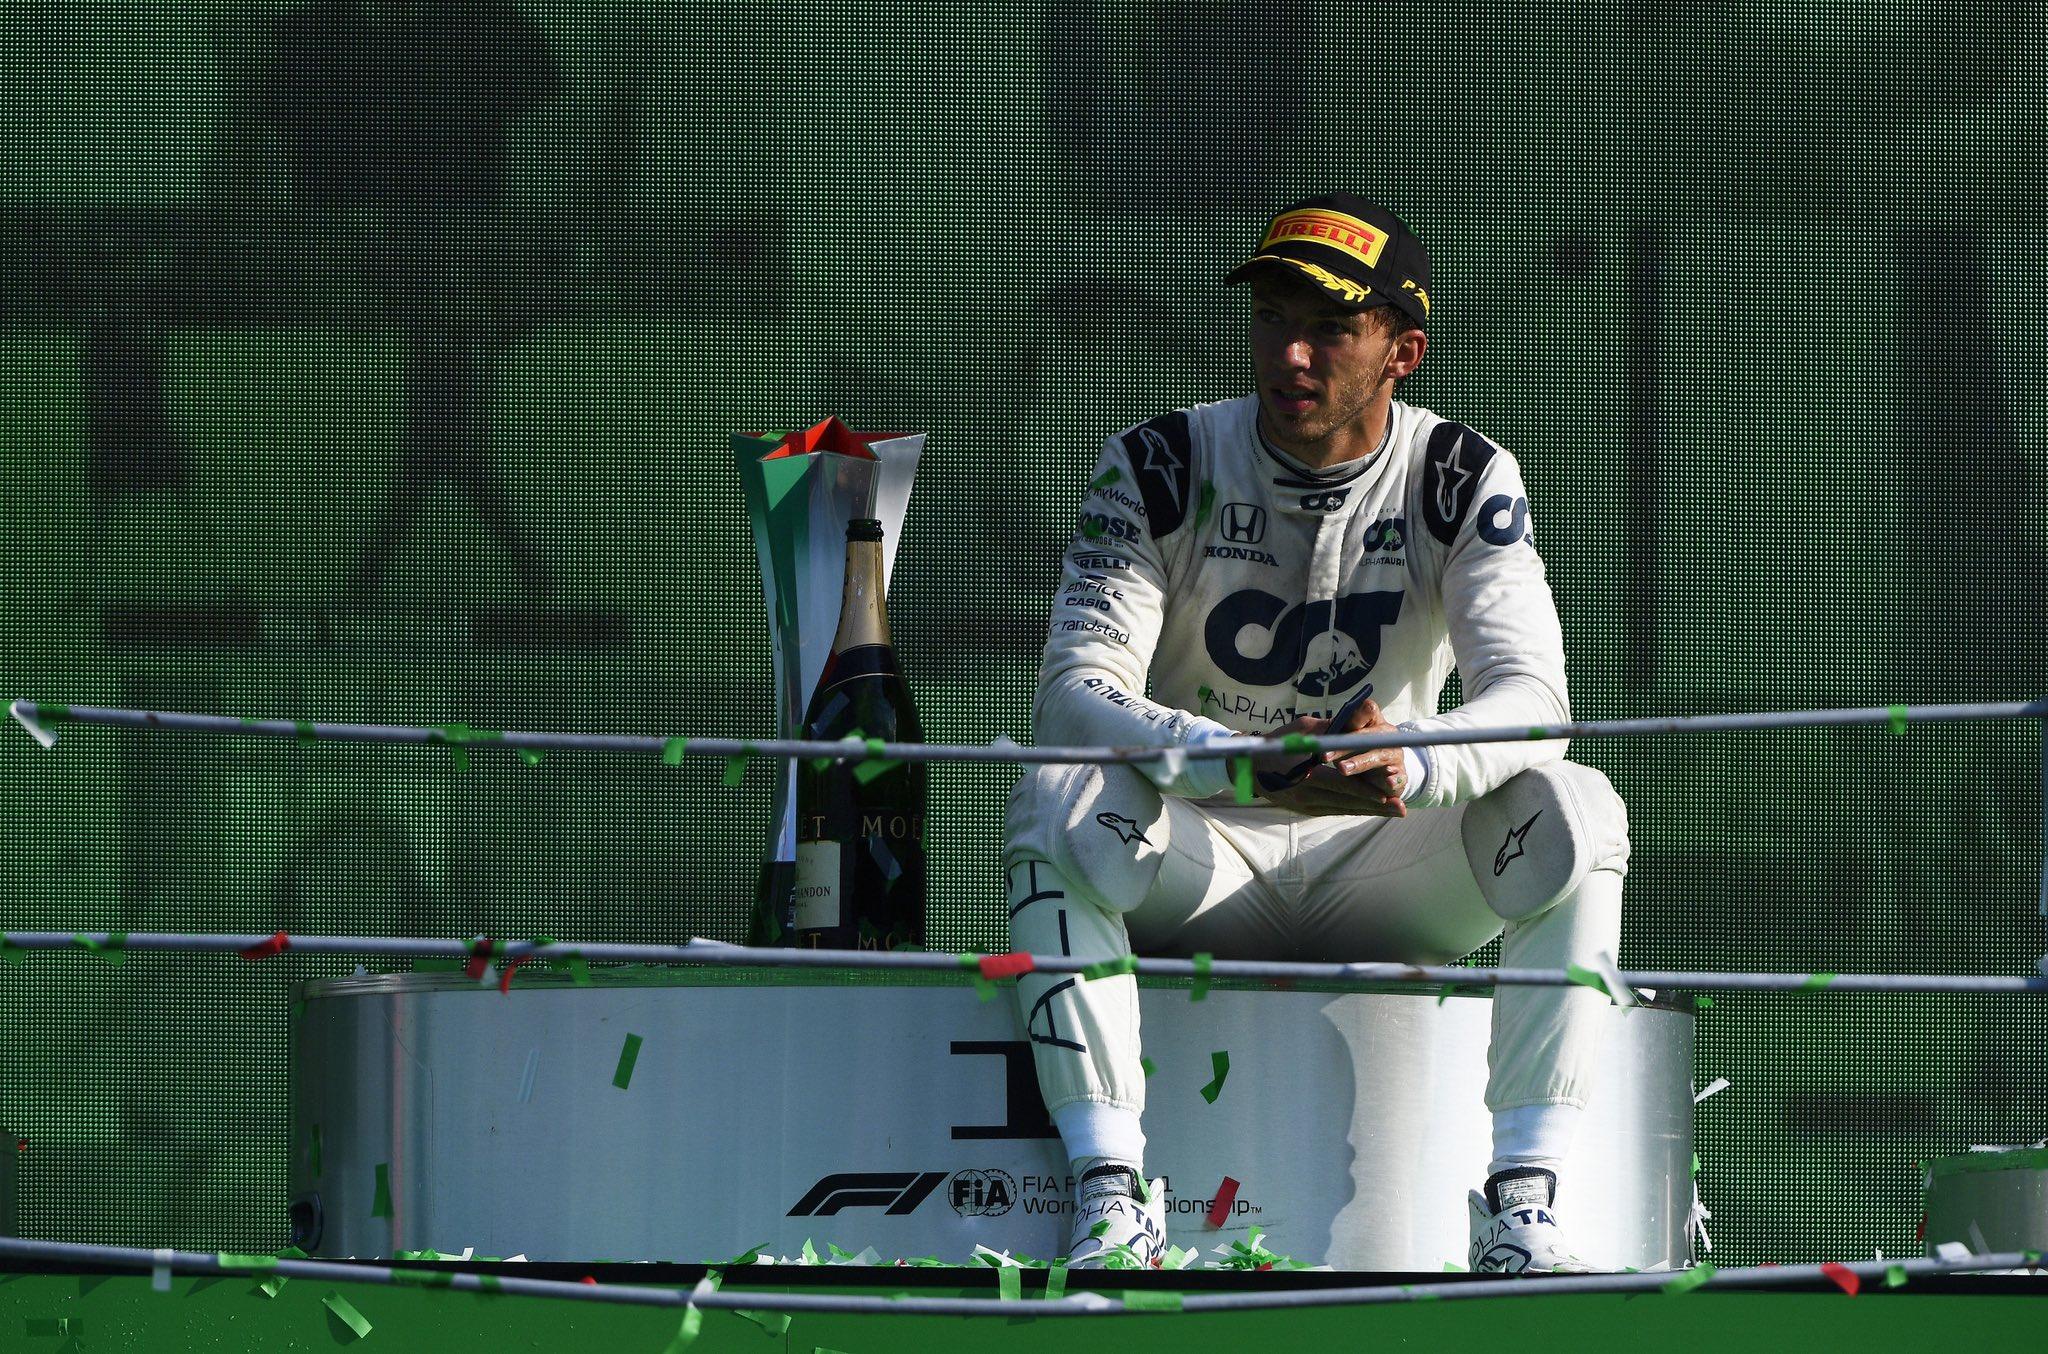 Quand Pierre Gasly, victorieux en F1, pilotait en Sarthe